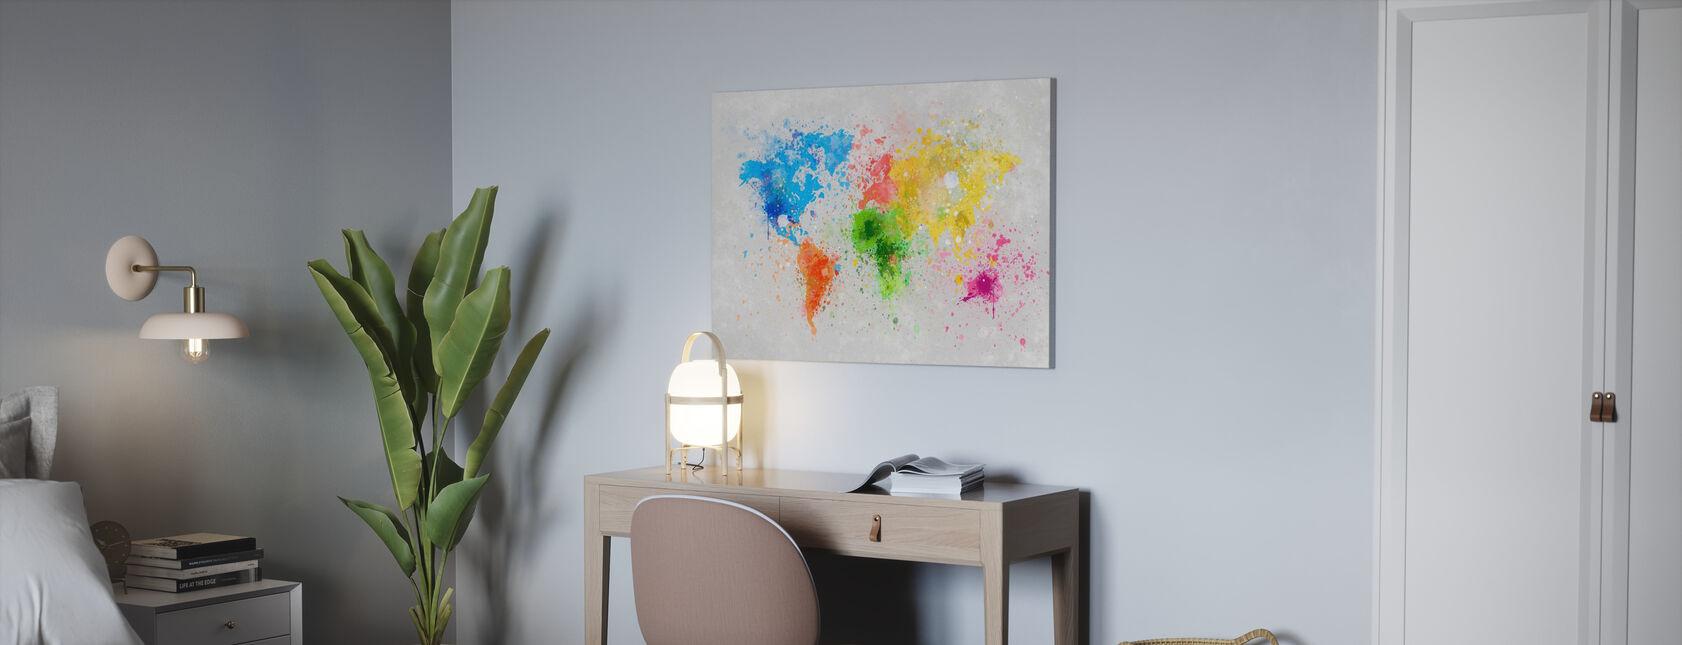 Kleurrijke wereld - Canvas print - Kantoor